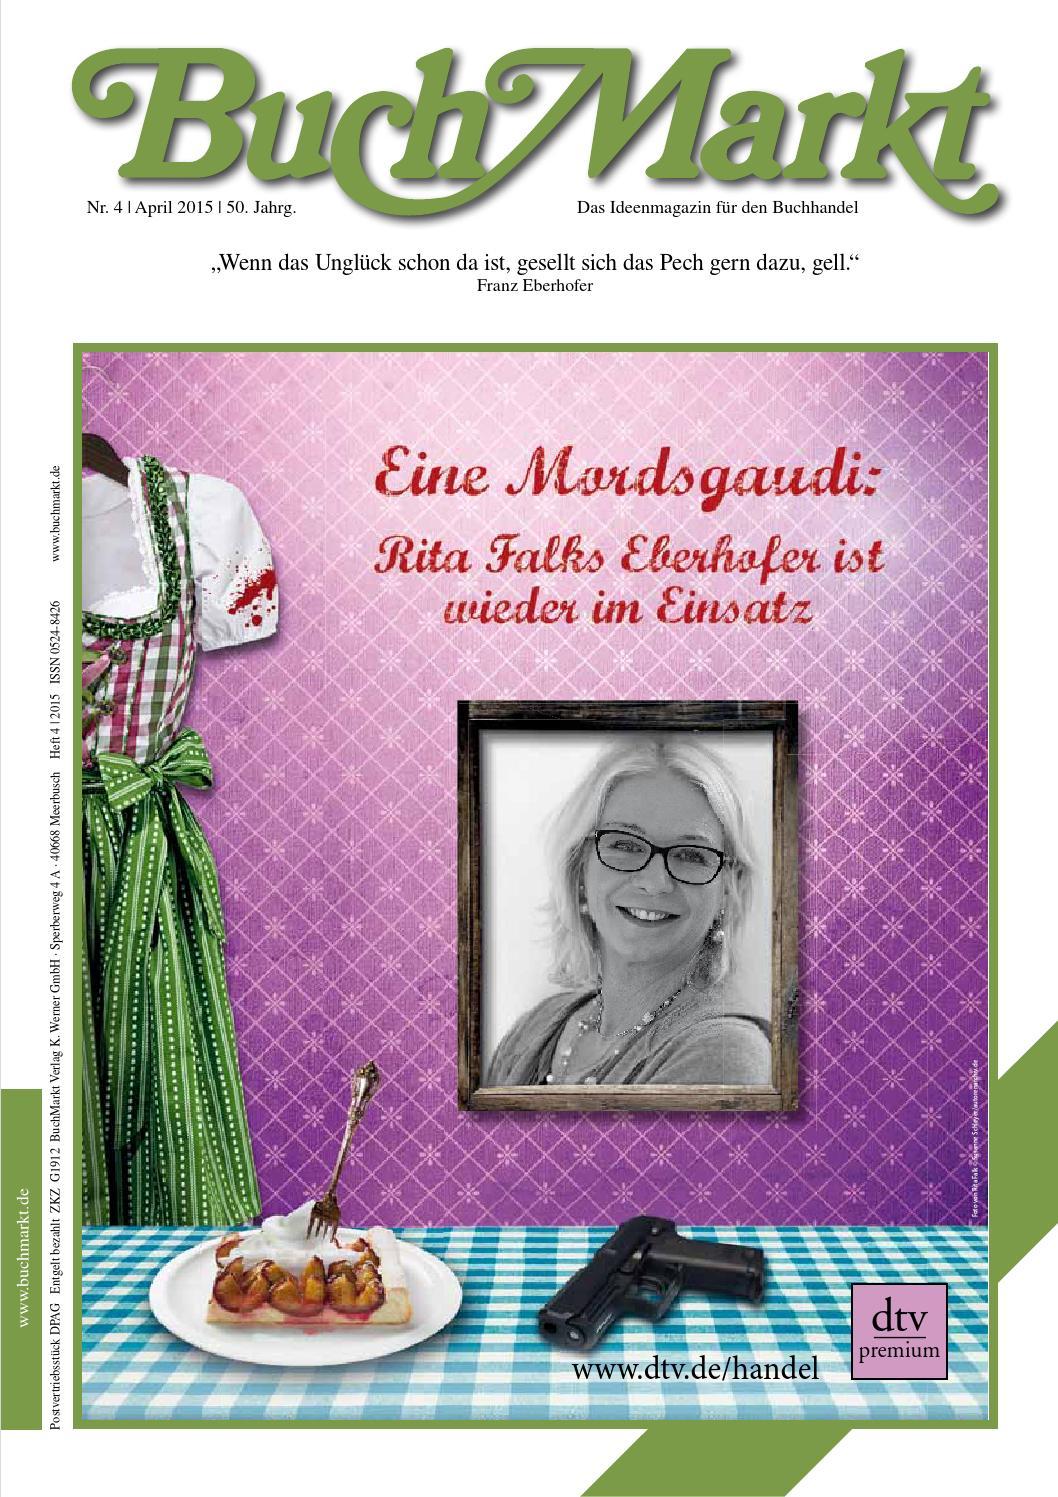 Buchmarkt Leseprobe Verlagsanzeigen 042015 By Buchmarkt Issuu